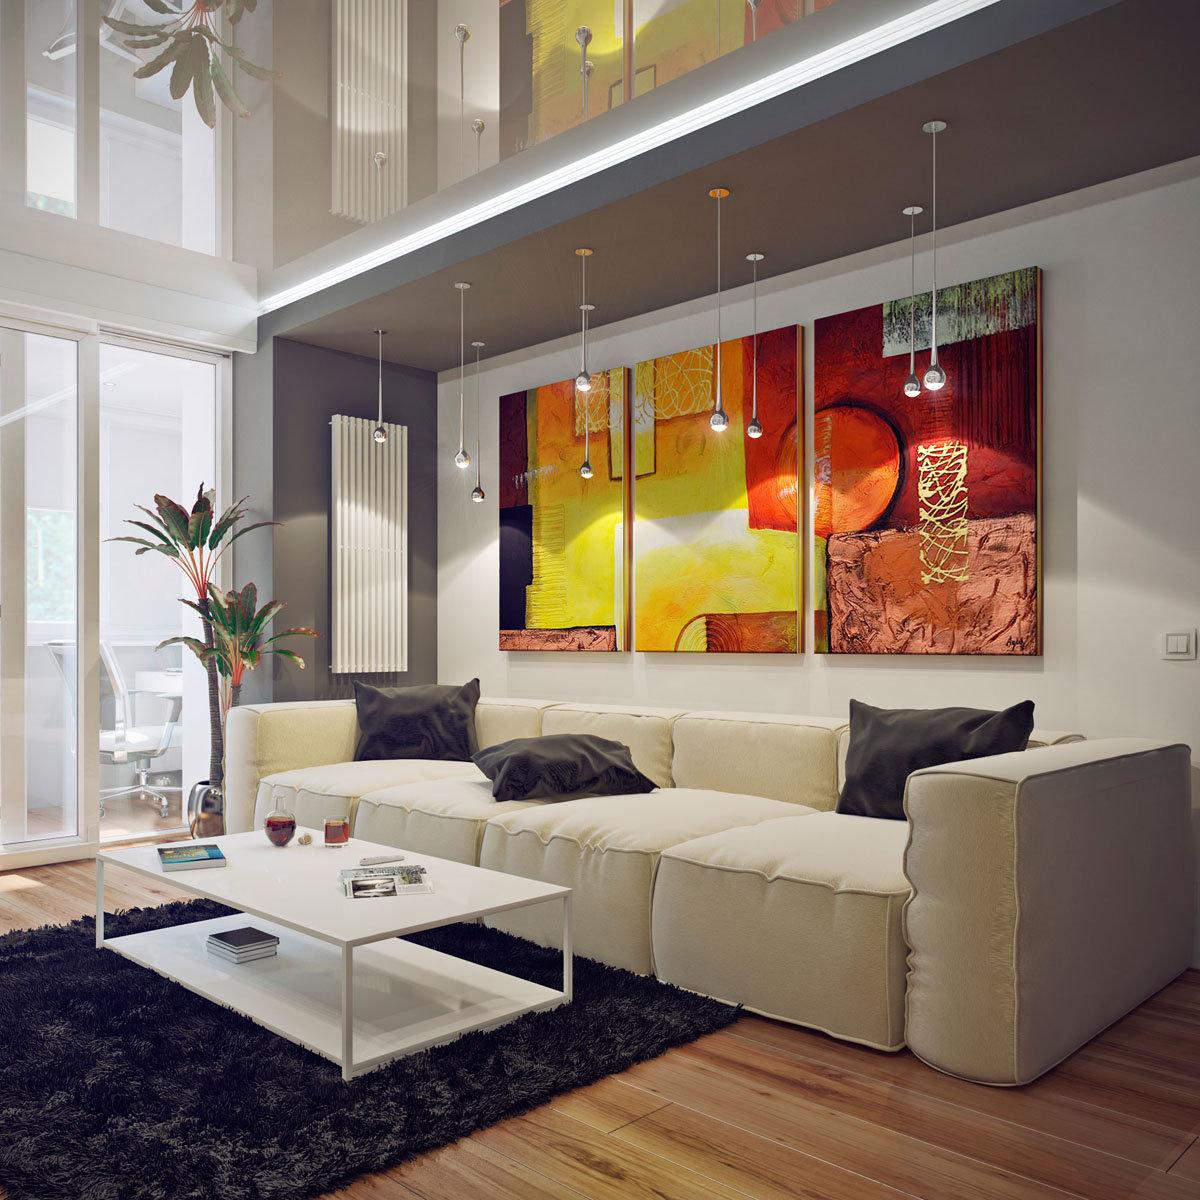 Картинки с интерьером гостиной, улыбки гифка